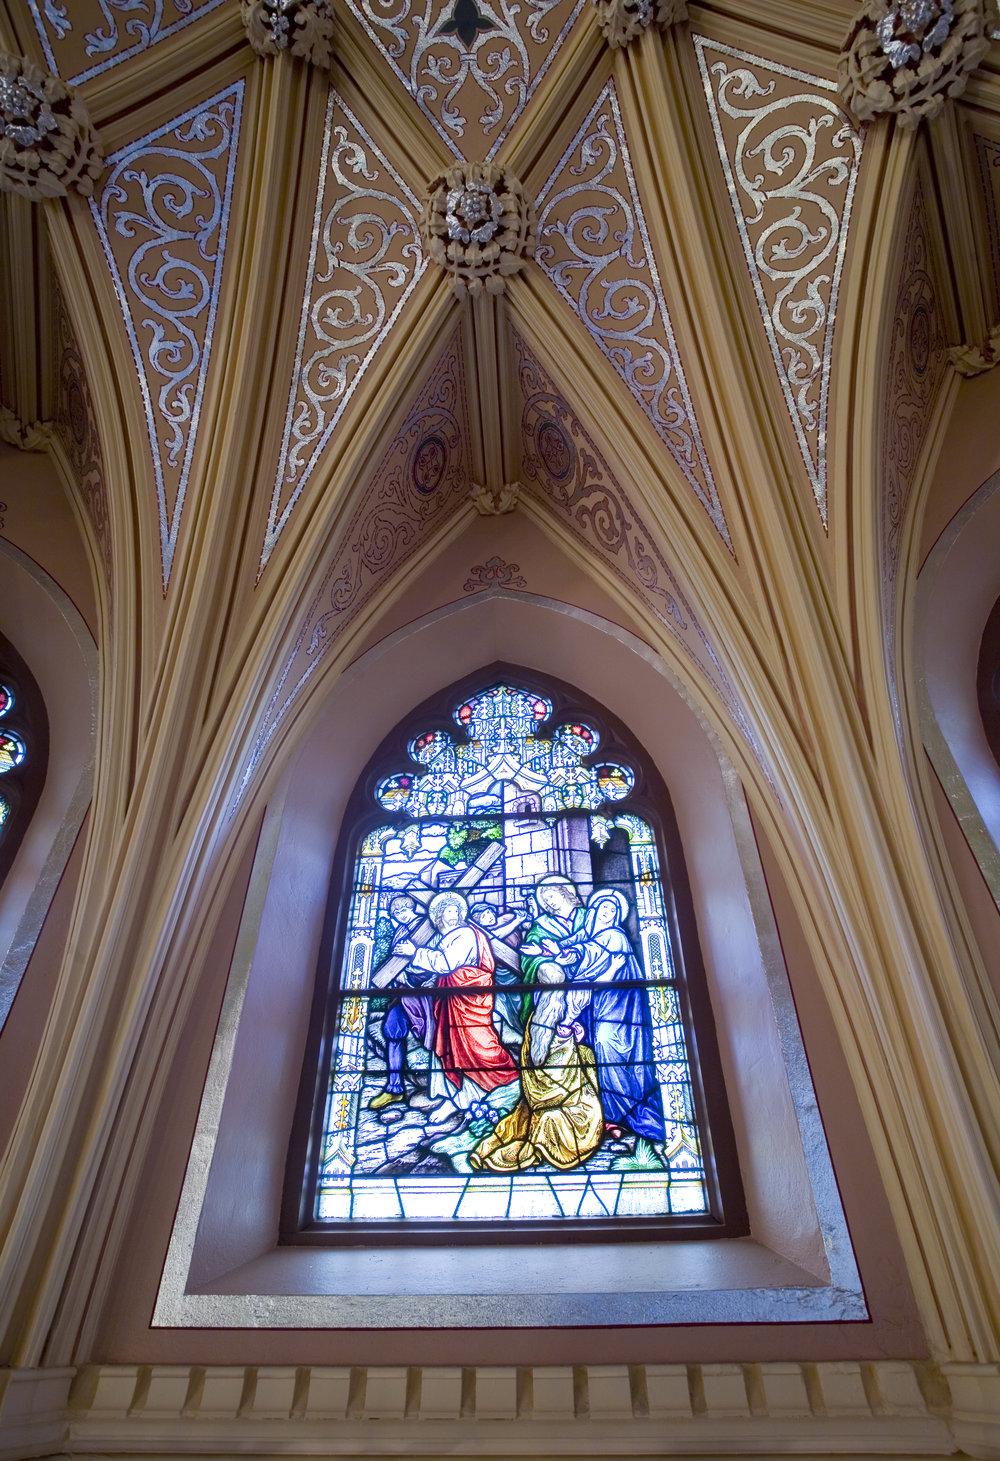 st-anne-clerestory-window2.jpg